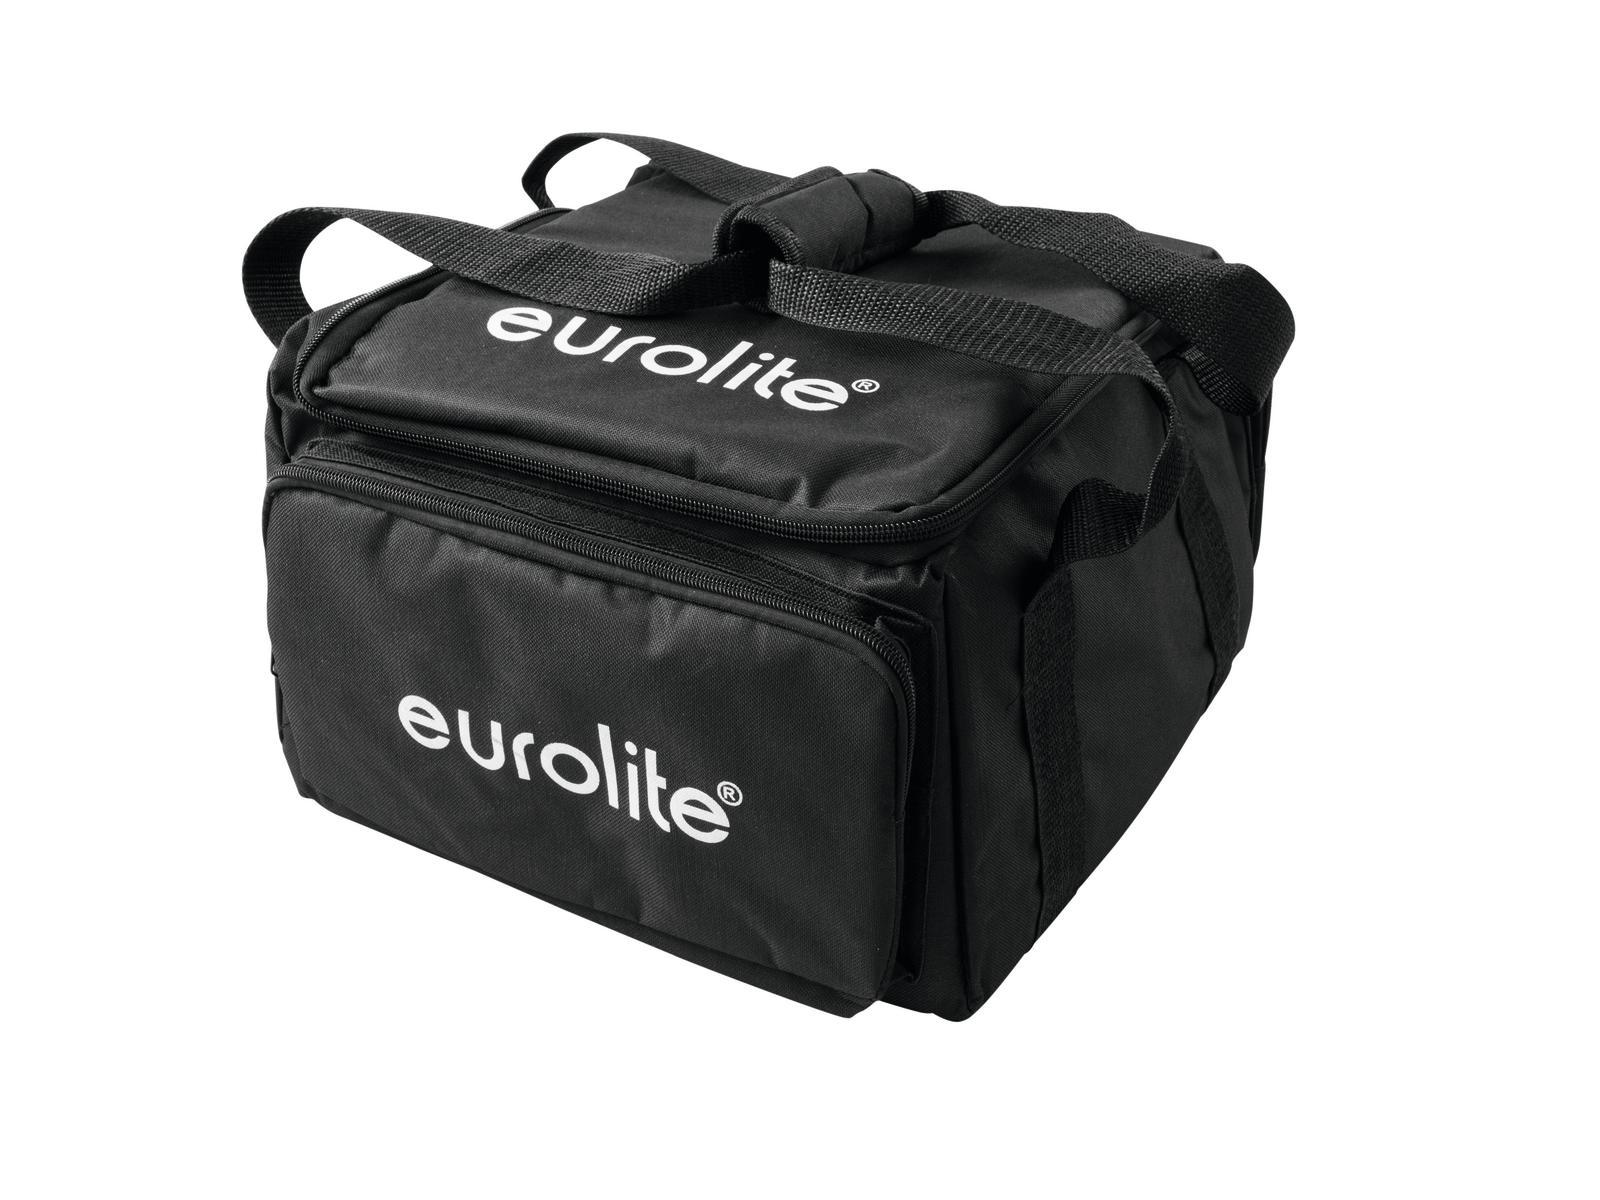 EUROLITE SB-4 Soft-Bag M